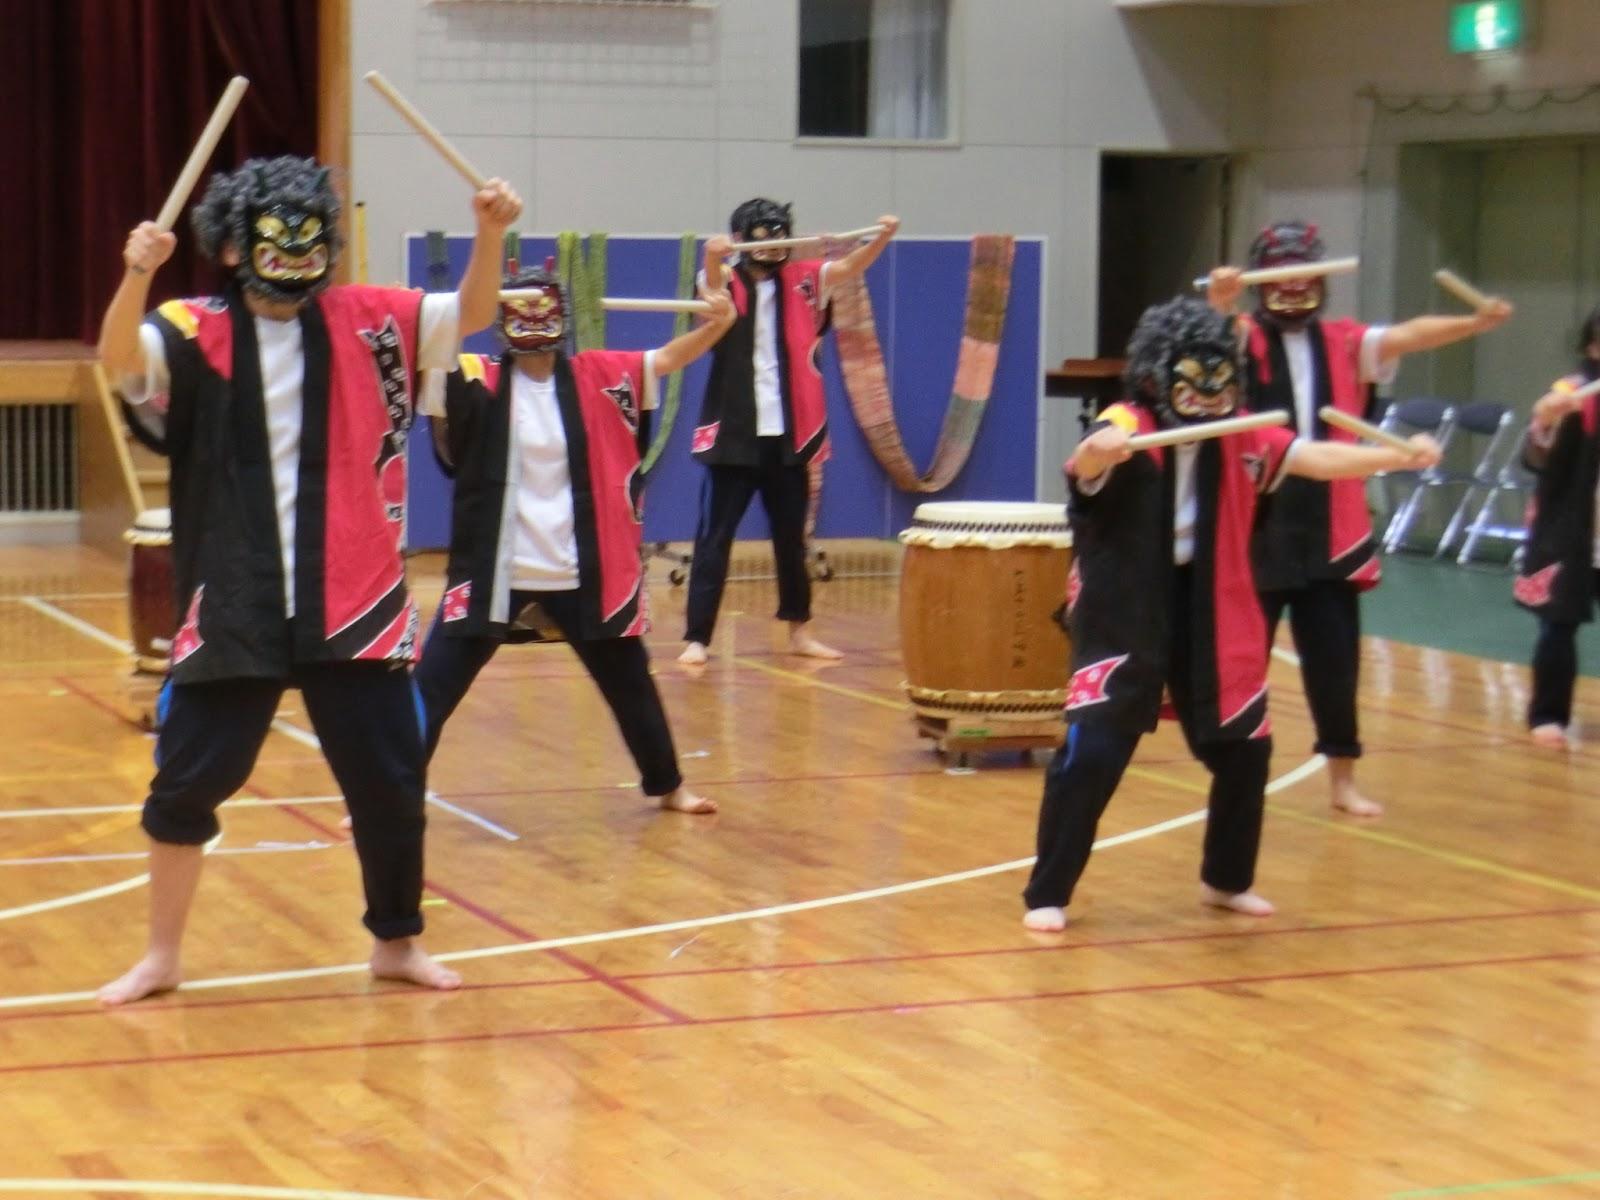 玉城わかば学園~和太鼓クラブ~: わかば祭で発表しました!~鬼太鼓~